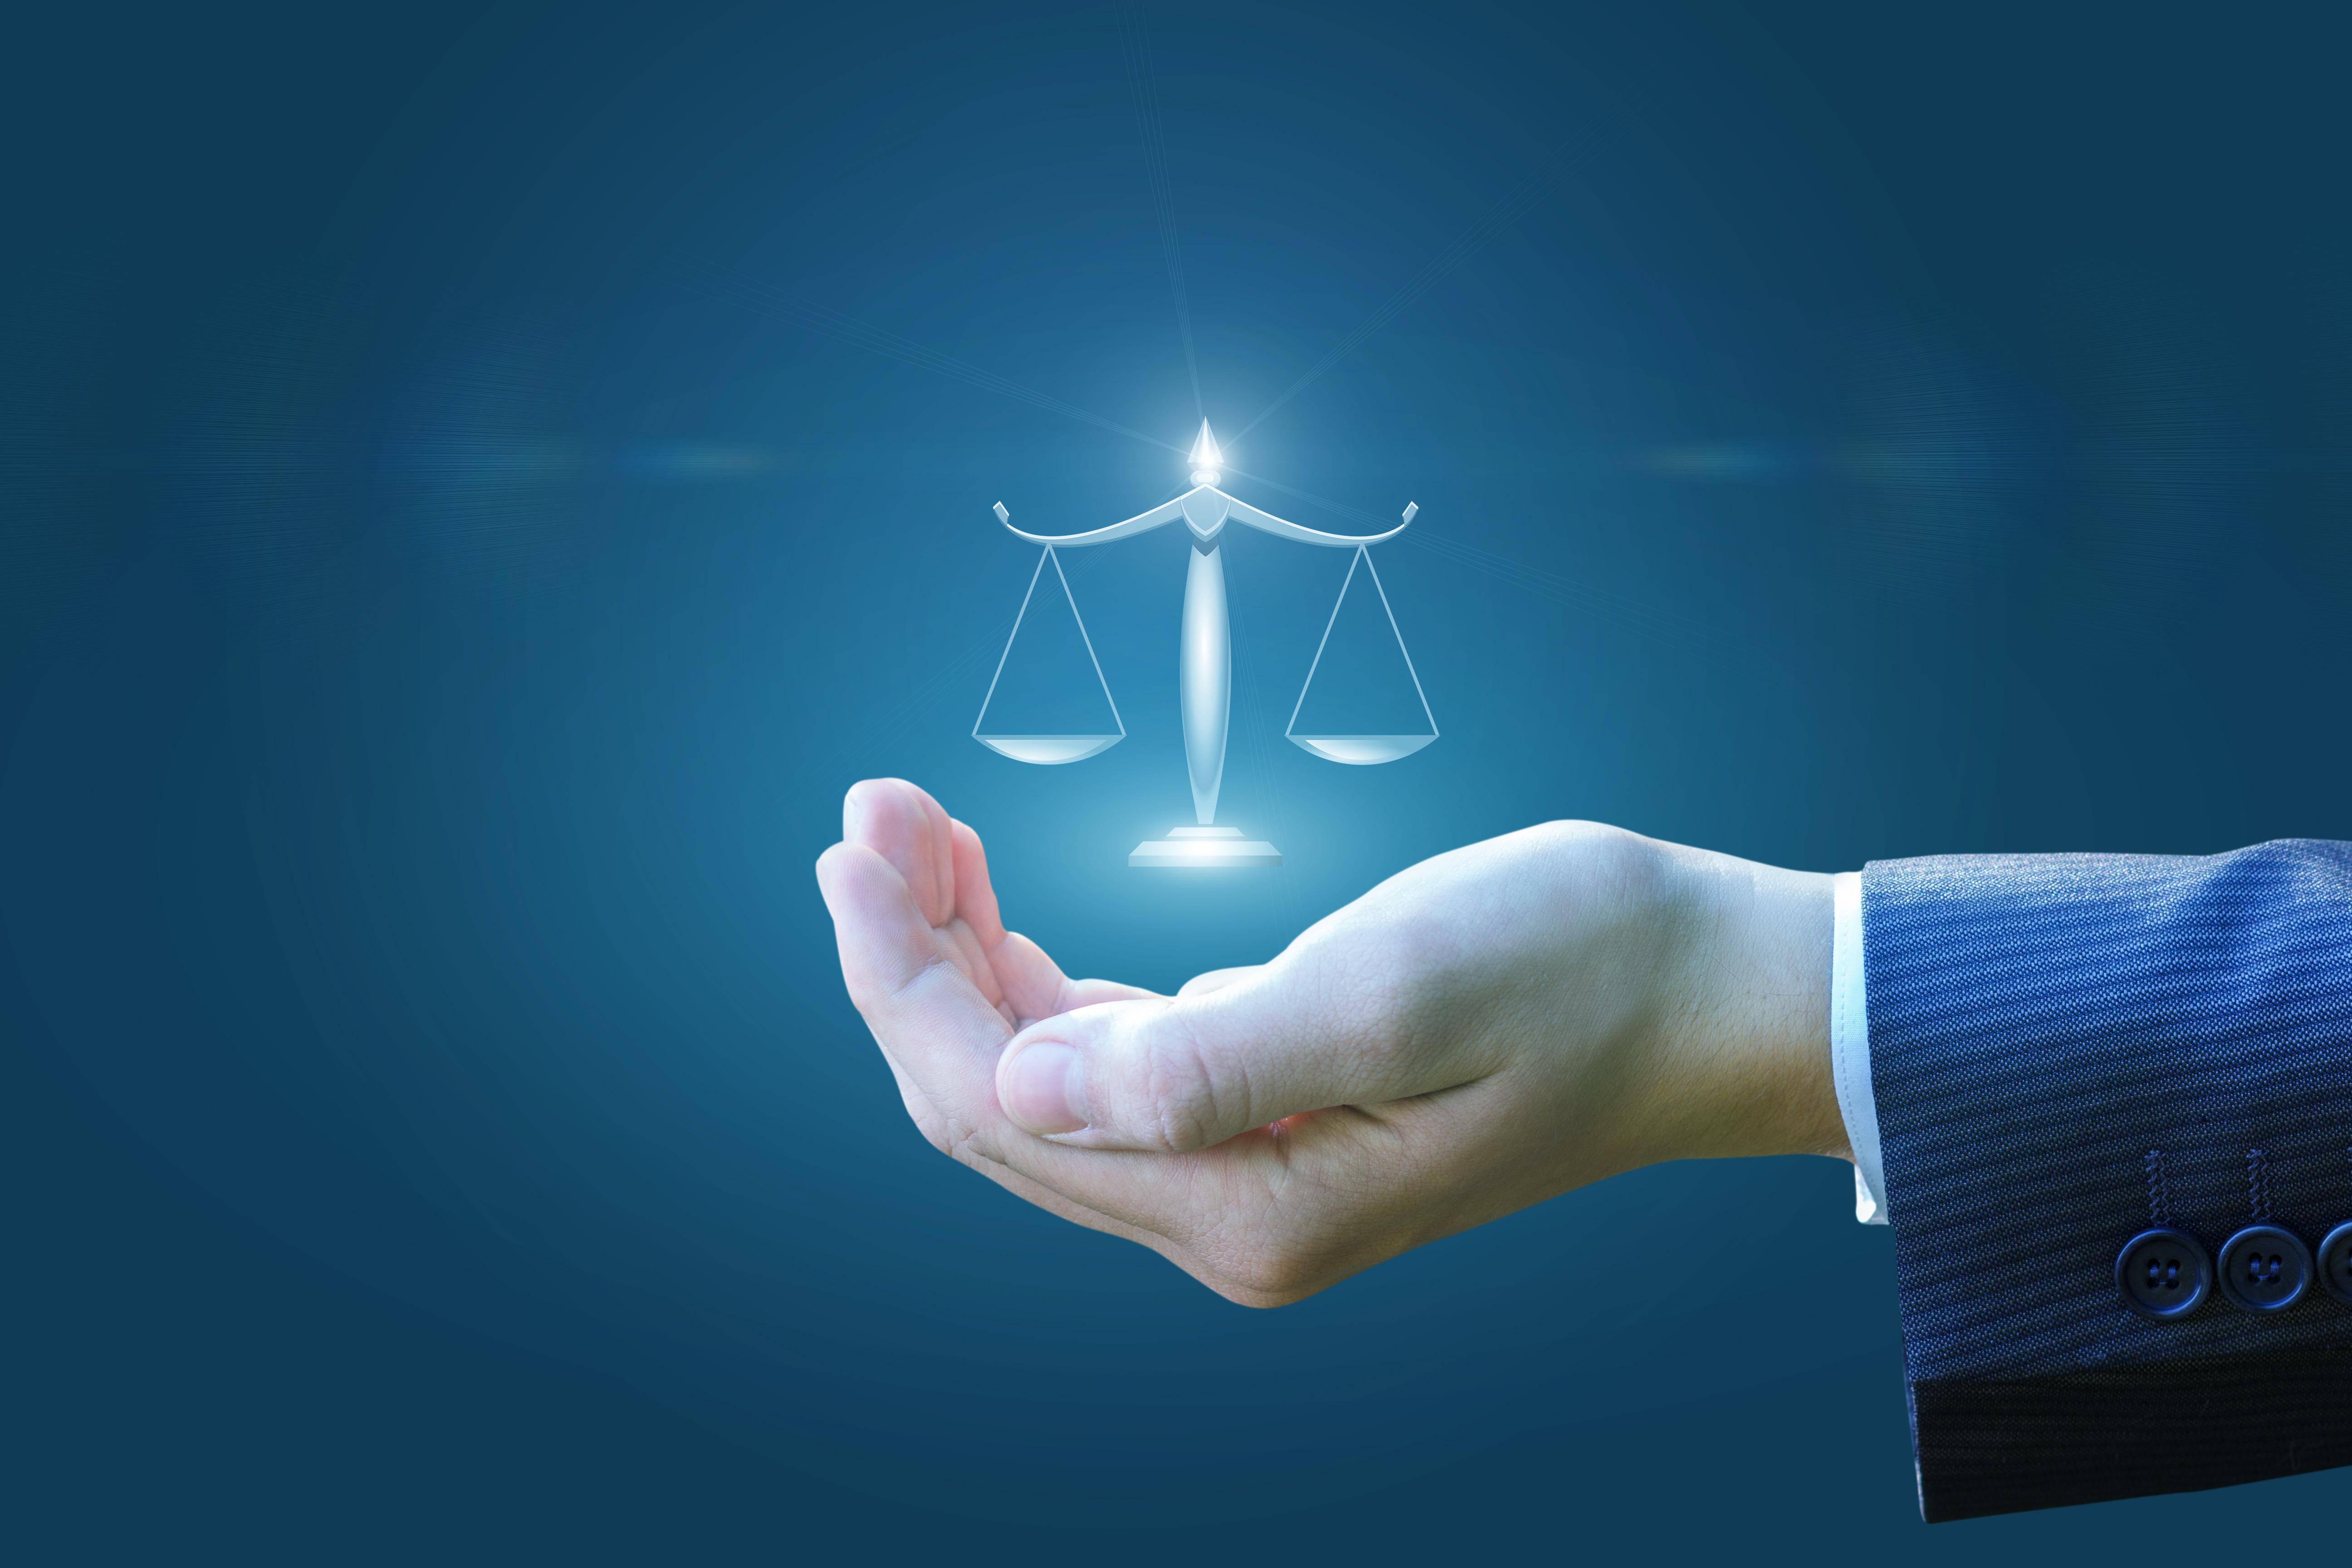 Titelbild zu same same but different – EBA-Initiative zur Harmonisierung von IRBA-Parametern (zeigt Anwaltshand die Waage hält)